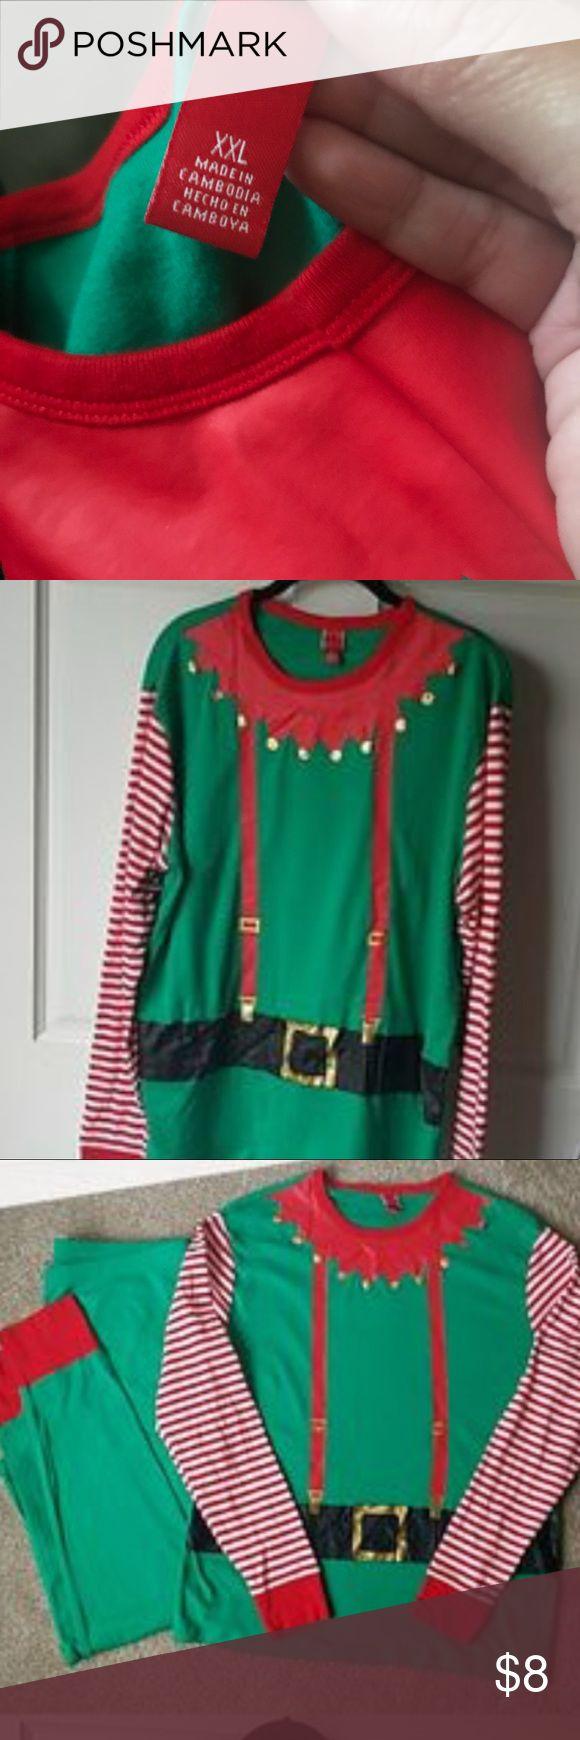 Target Elf pajamas Cute, plus size Xmas Elf style pajamas Other